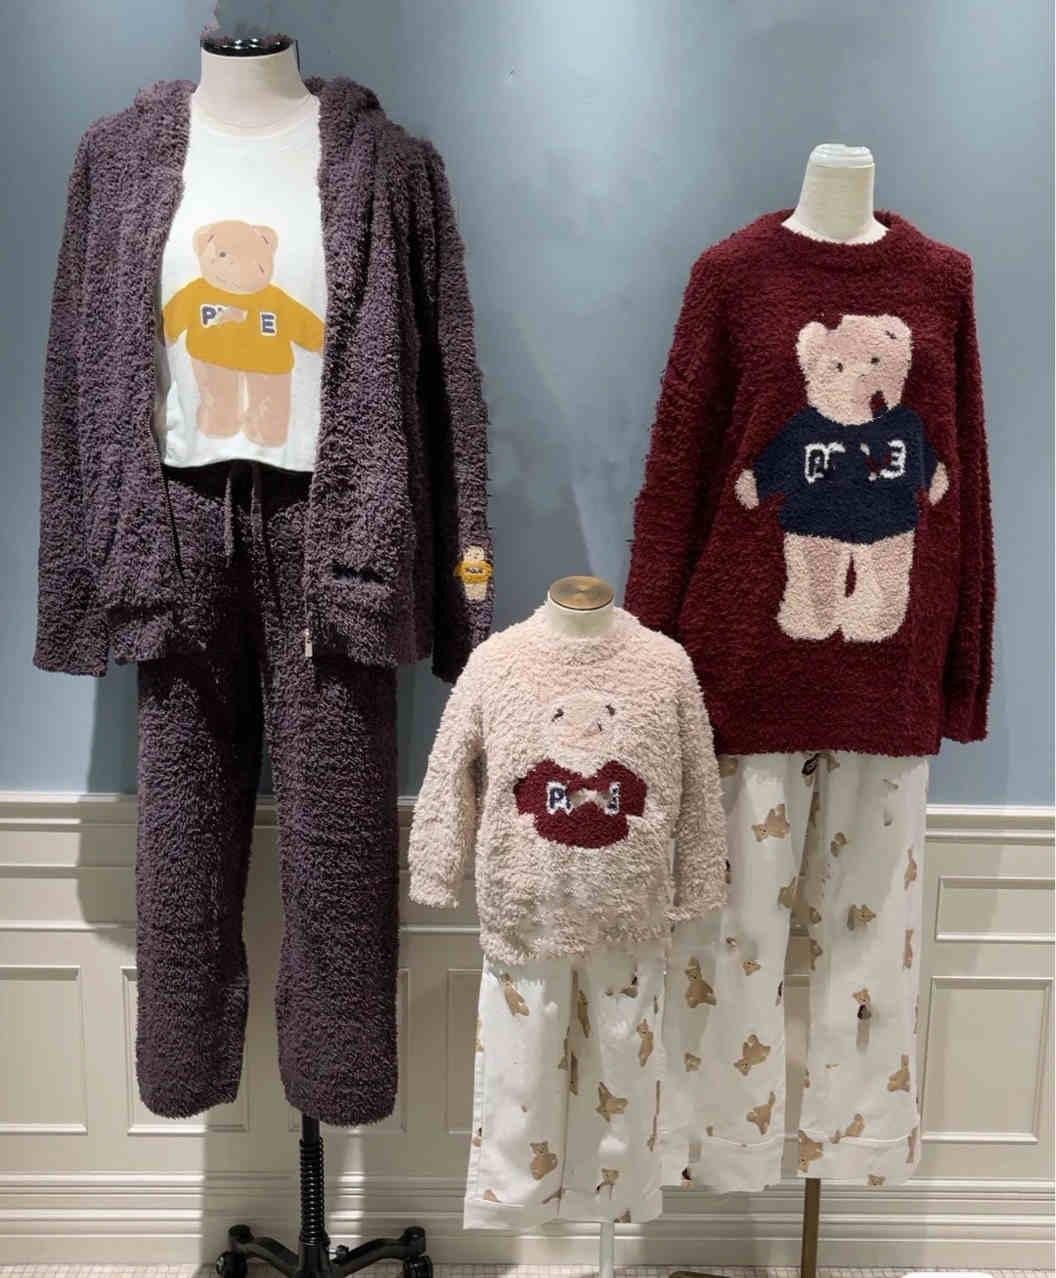 Automne et hiver 2020 parent enfant mignon dessin animé vêtements pour enfants hommes épaissi chaud doux maison vêtements